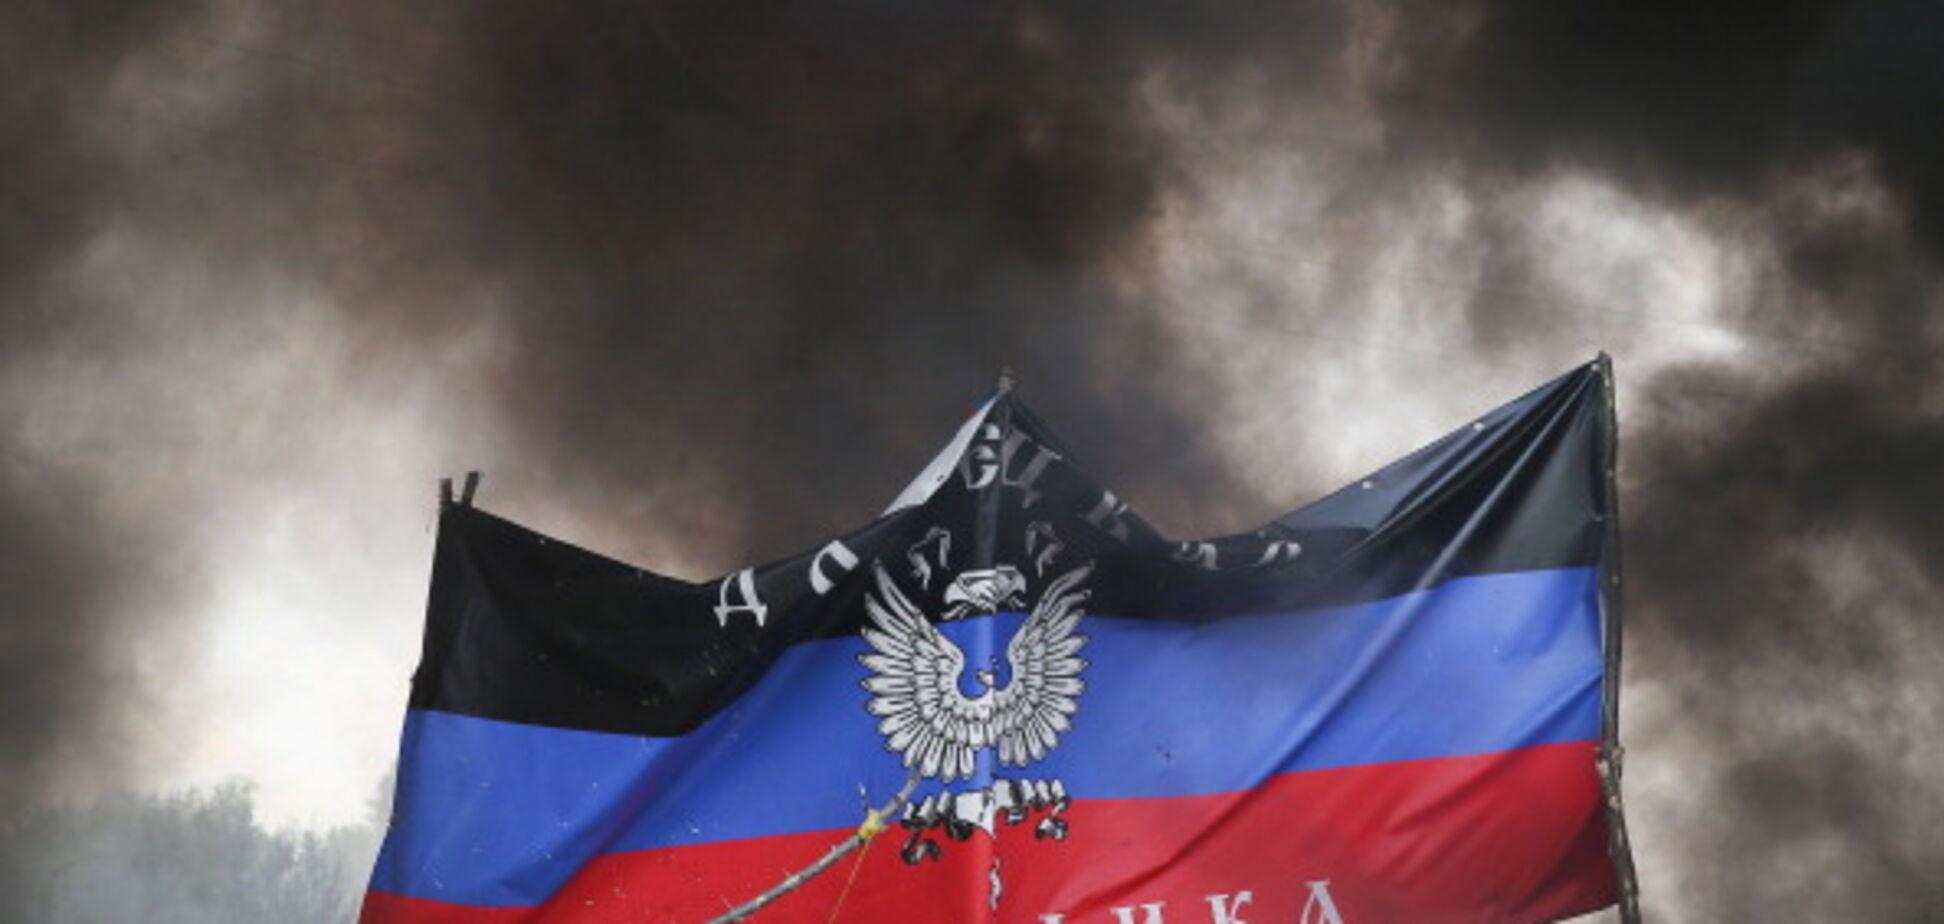 Грозит до 7 лет: спецслужбы Молдовы задержали террориста 'ДНР'